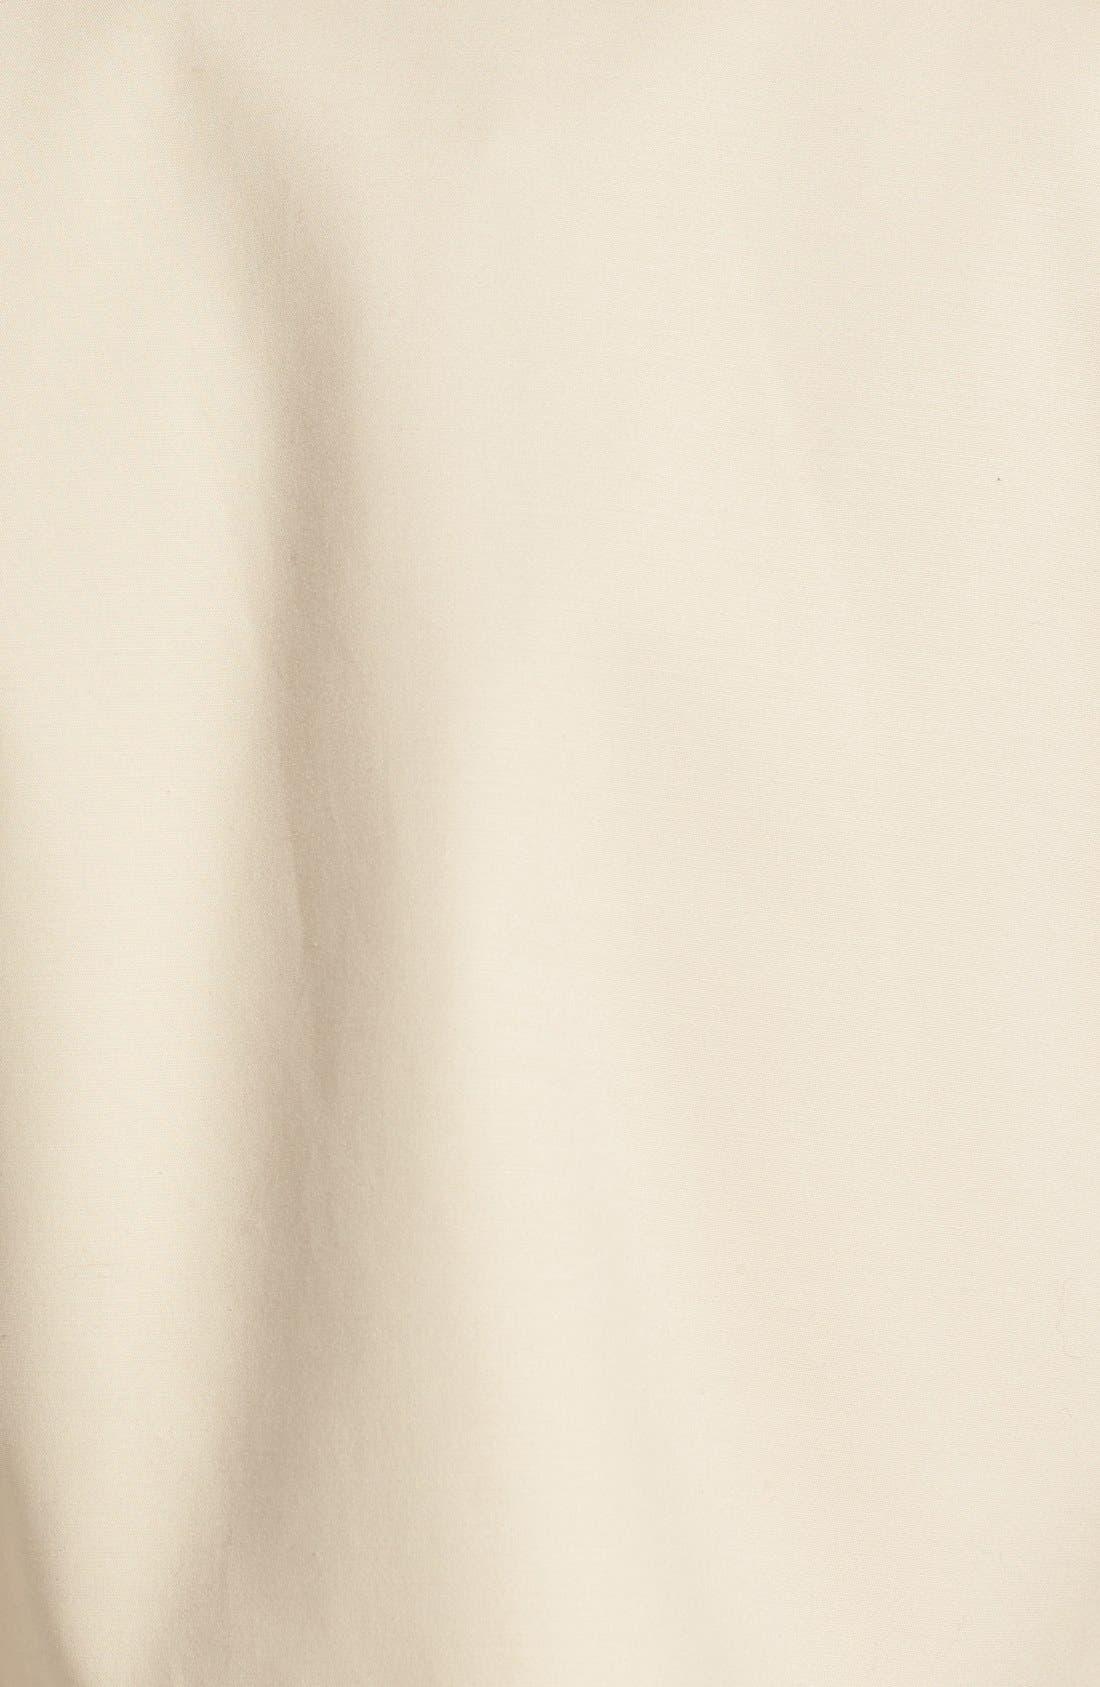 TED BAKER LONDON,                             Flared Skirt Trench Coat,                             Alternate thumbnail 5, color,                             253